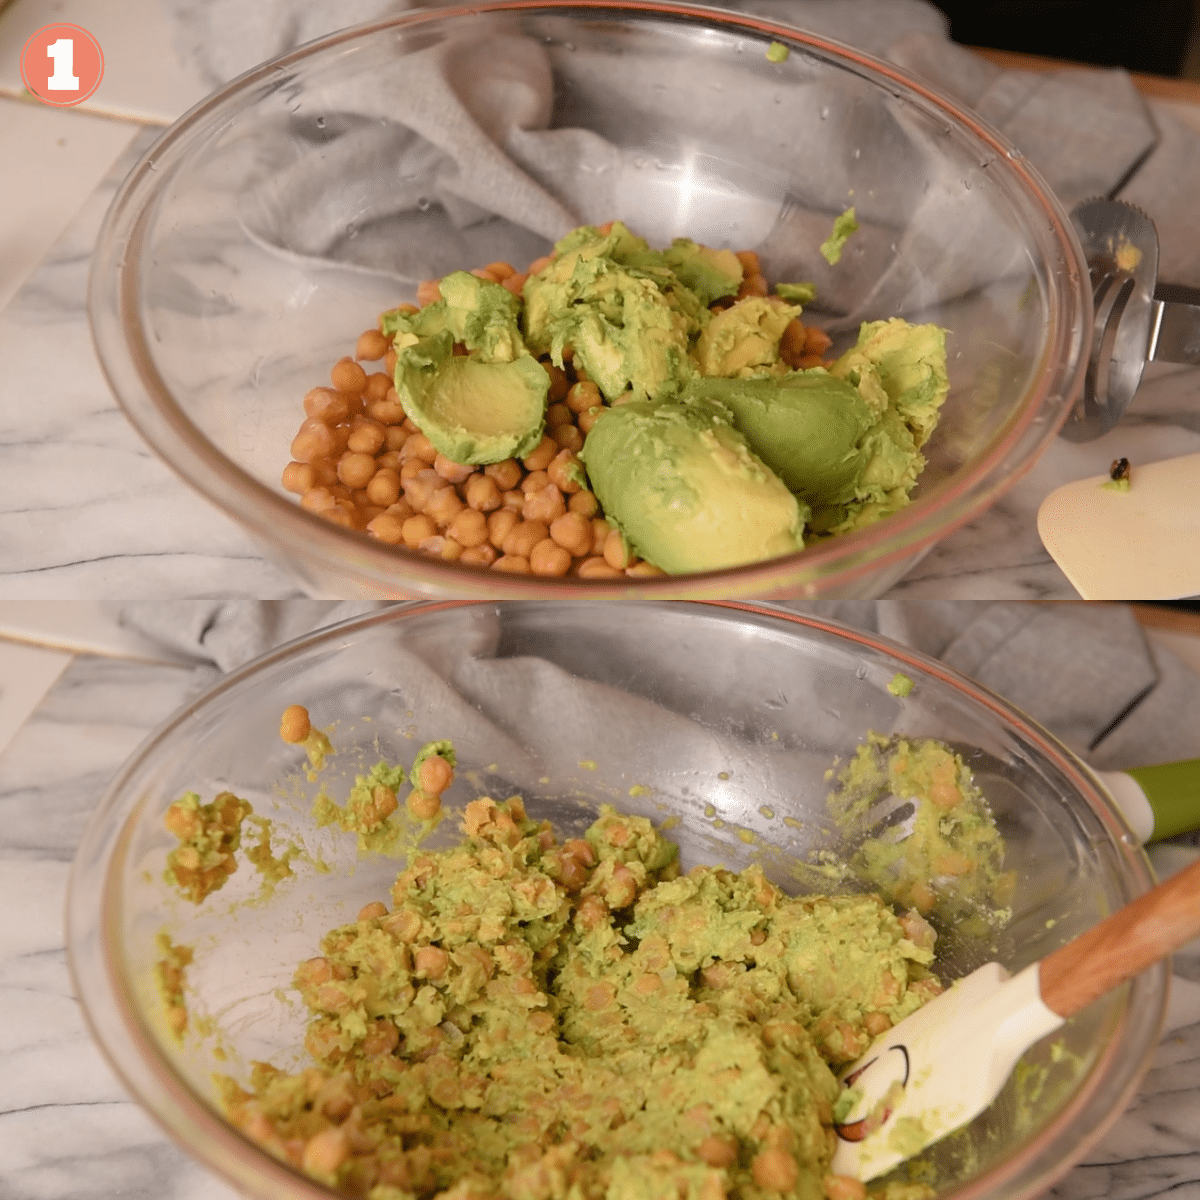 Step 1 to make avocado salad